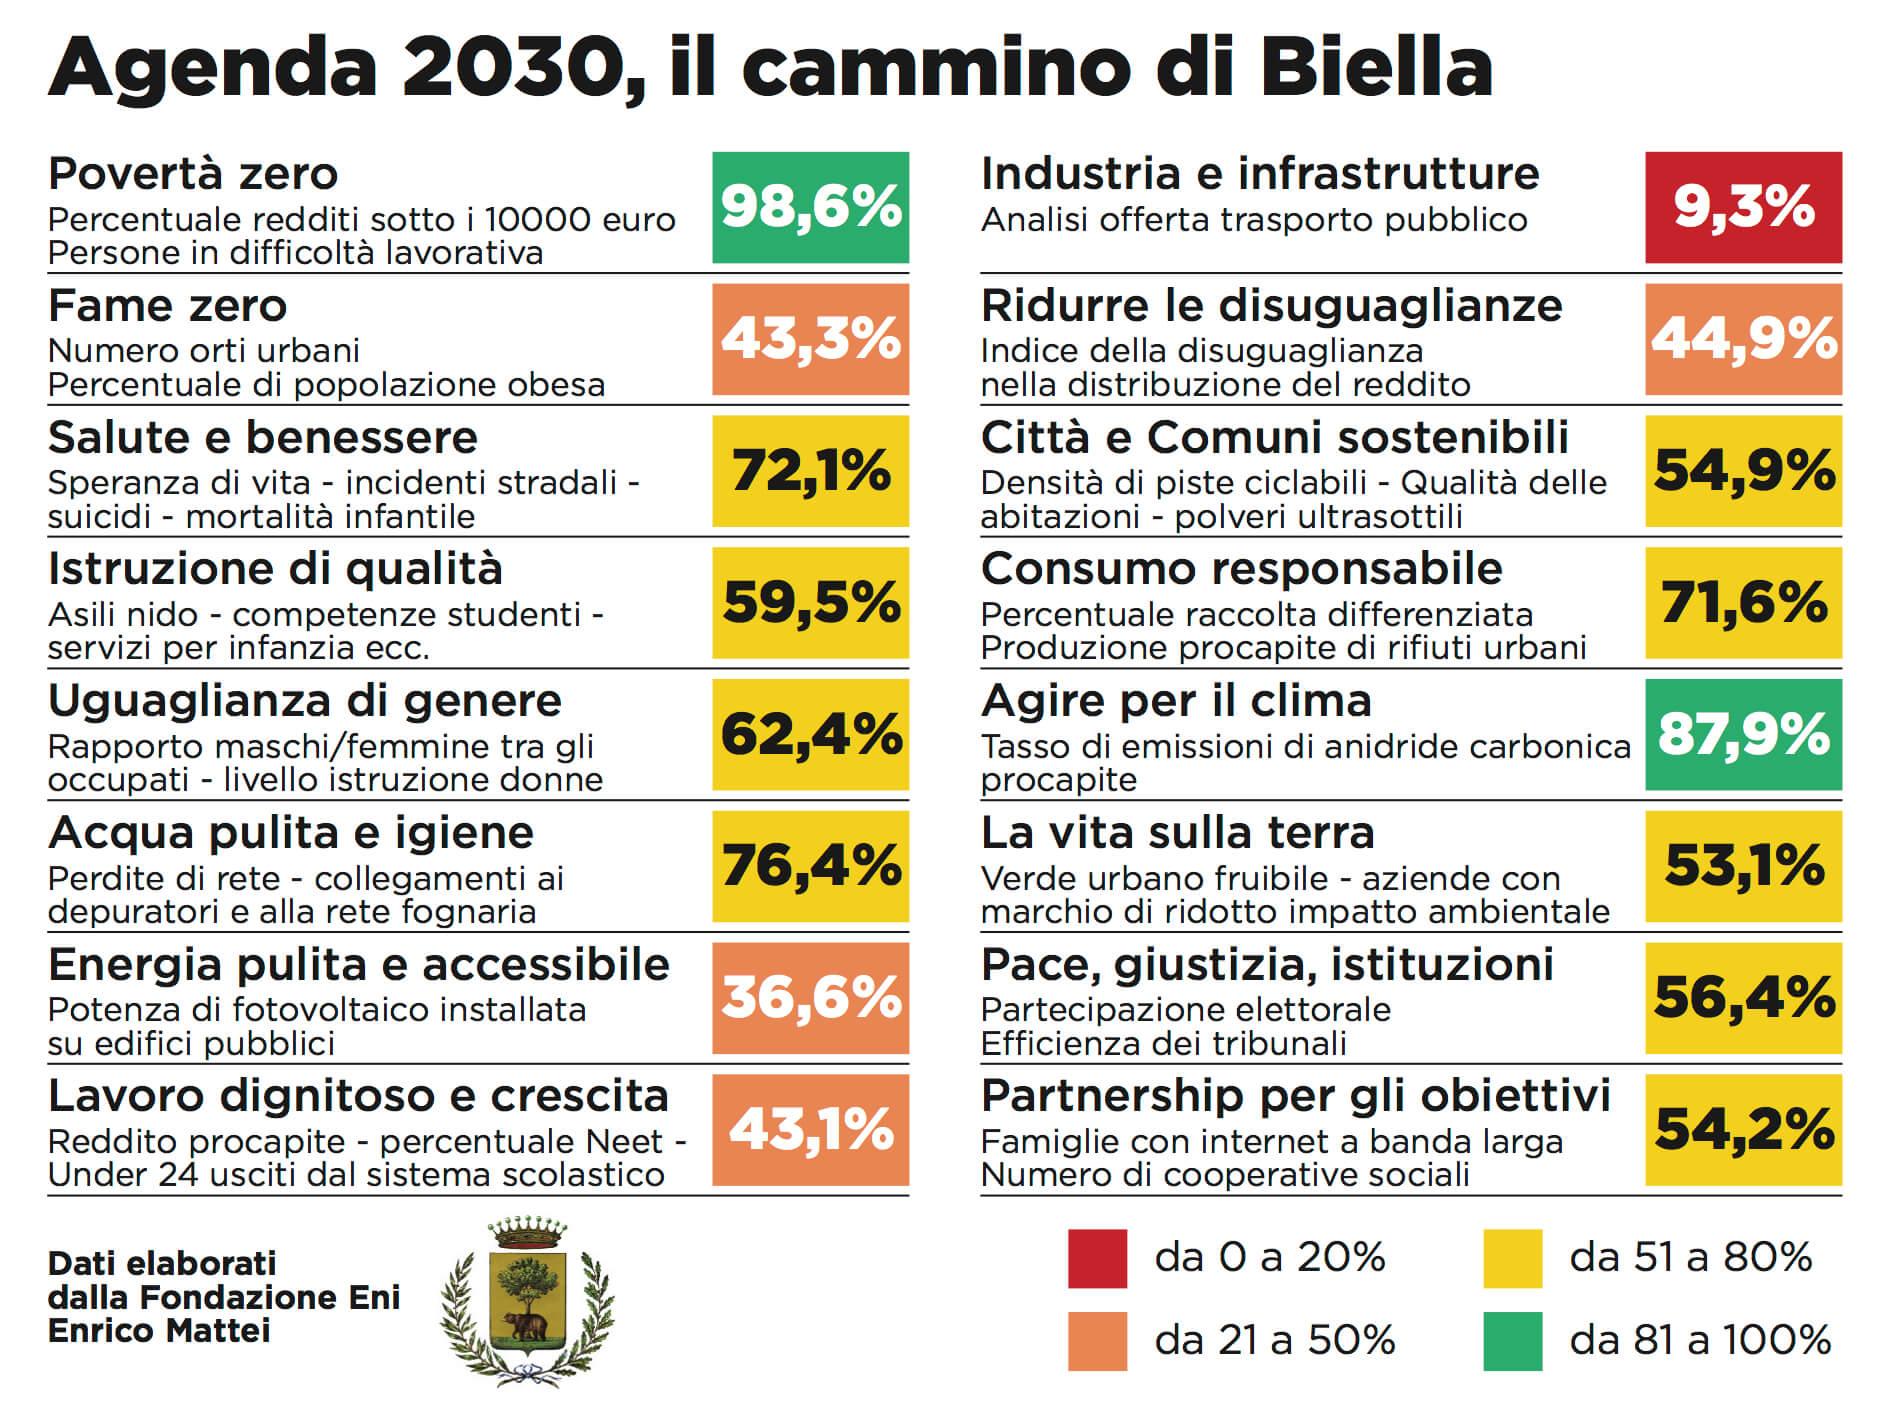 La percentuale di raggiungimento degli obiettivi di Agenda 2030 a Biella